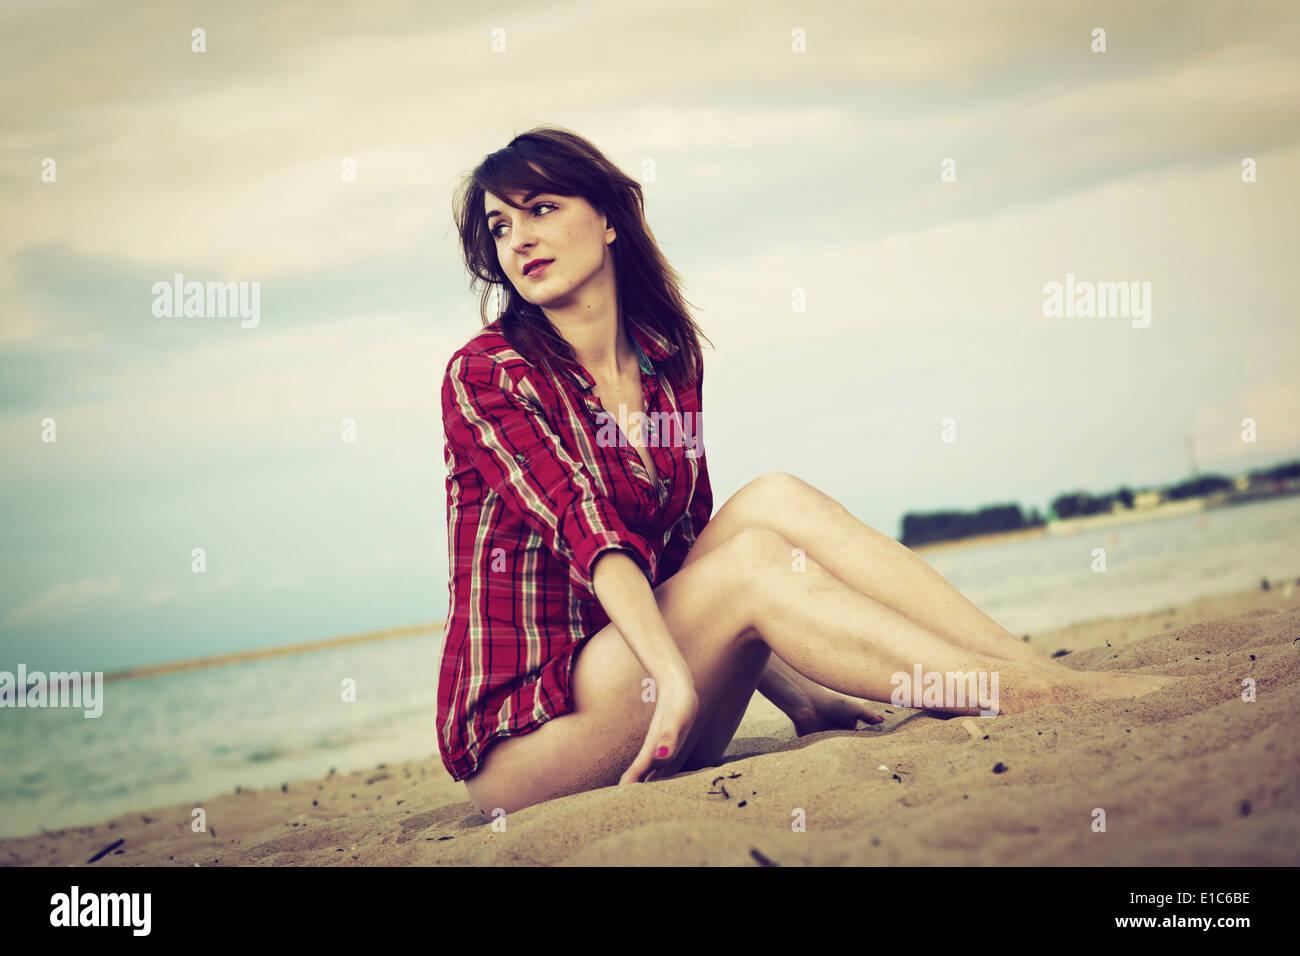 Mujer joven en un rojo de camisa de cuadros para relajarse en la playa en el atardecer. Imagen De Stock